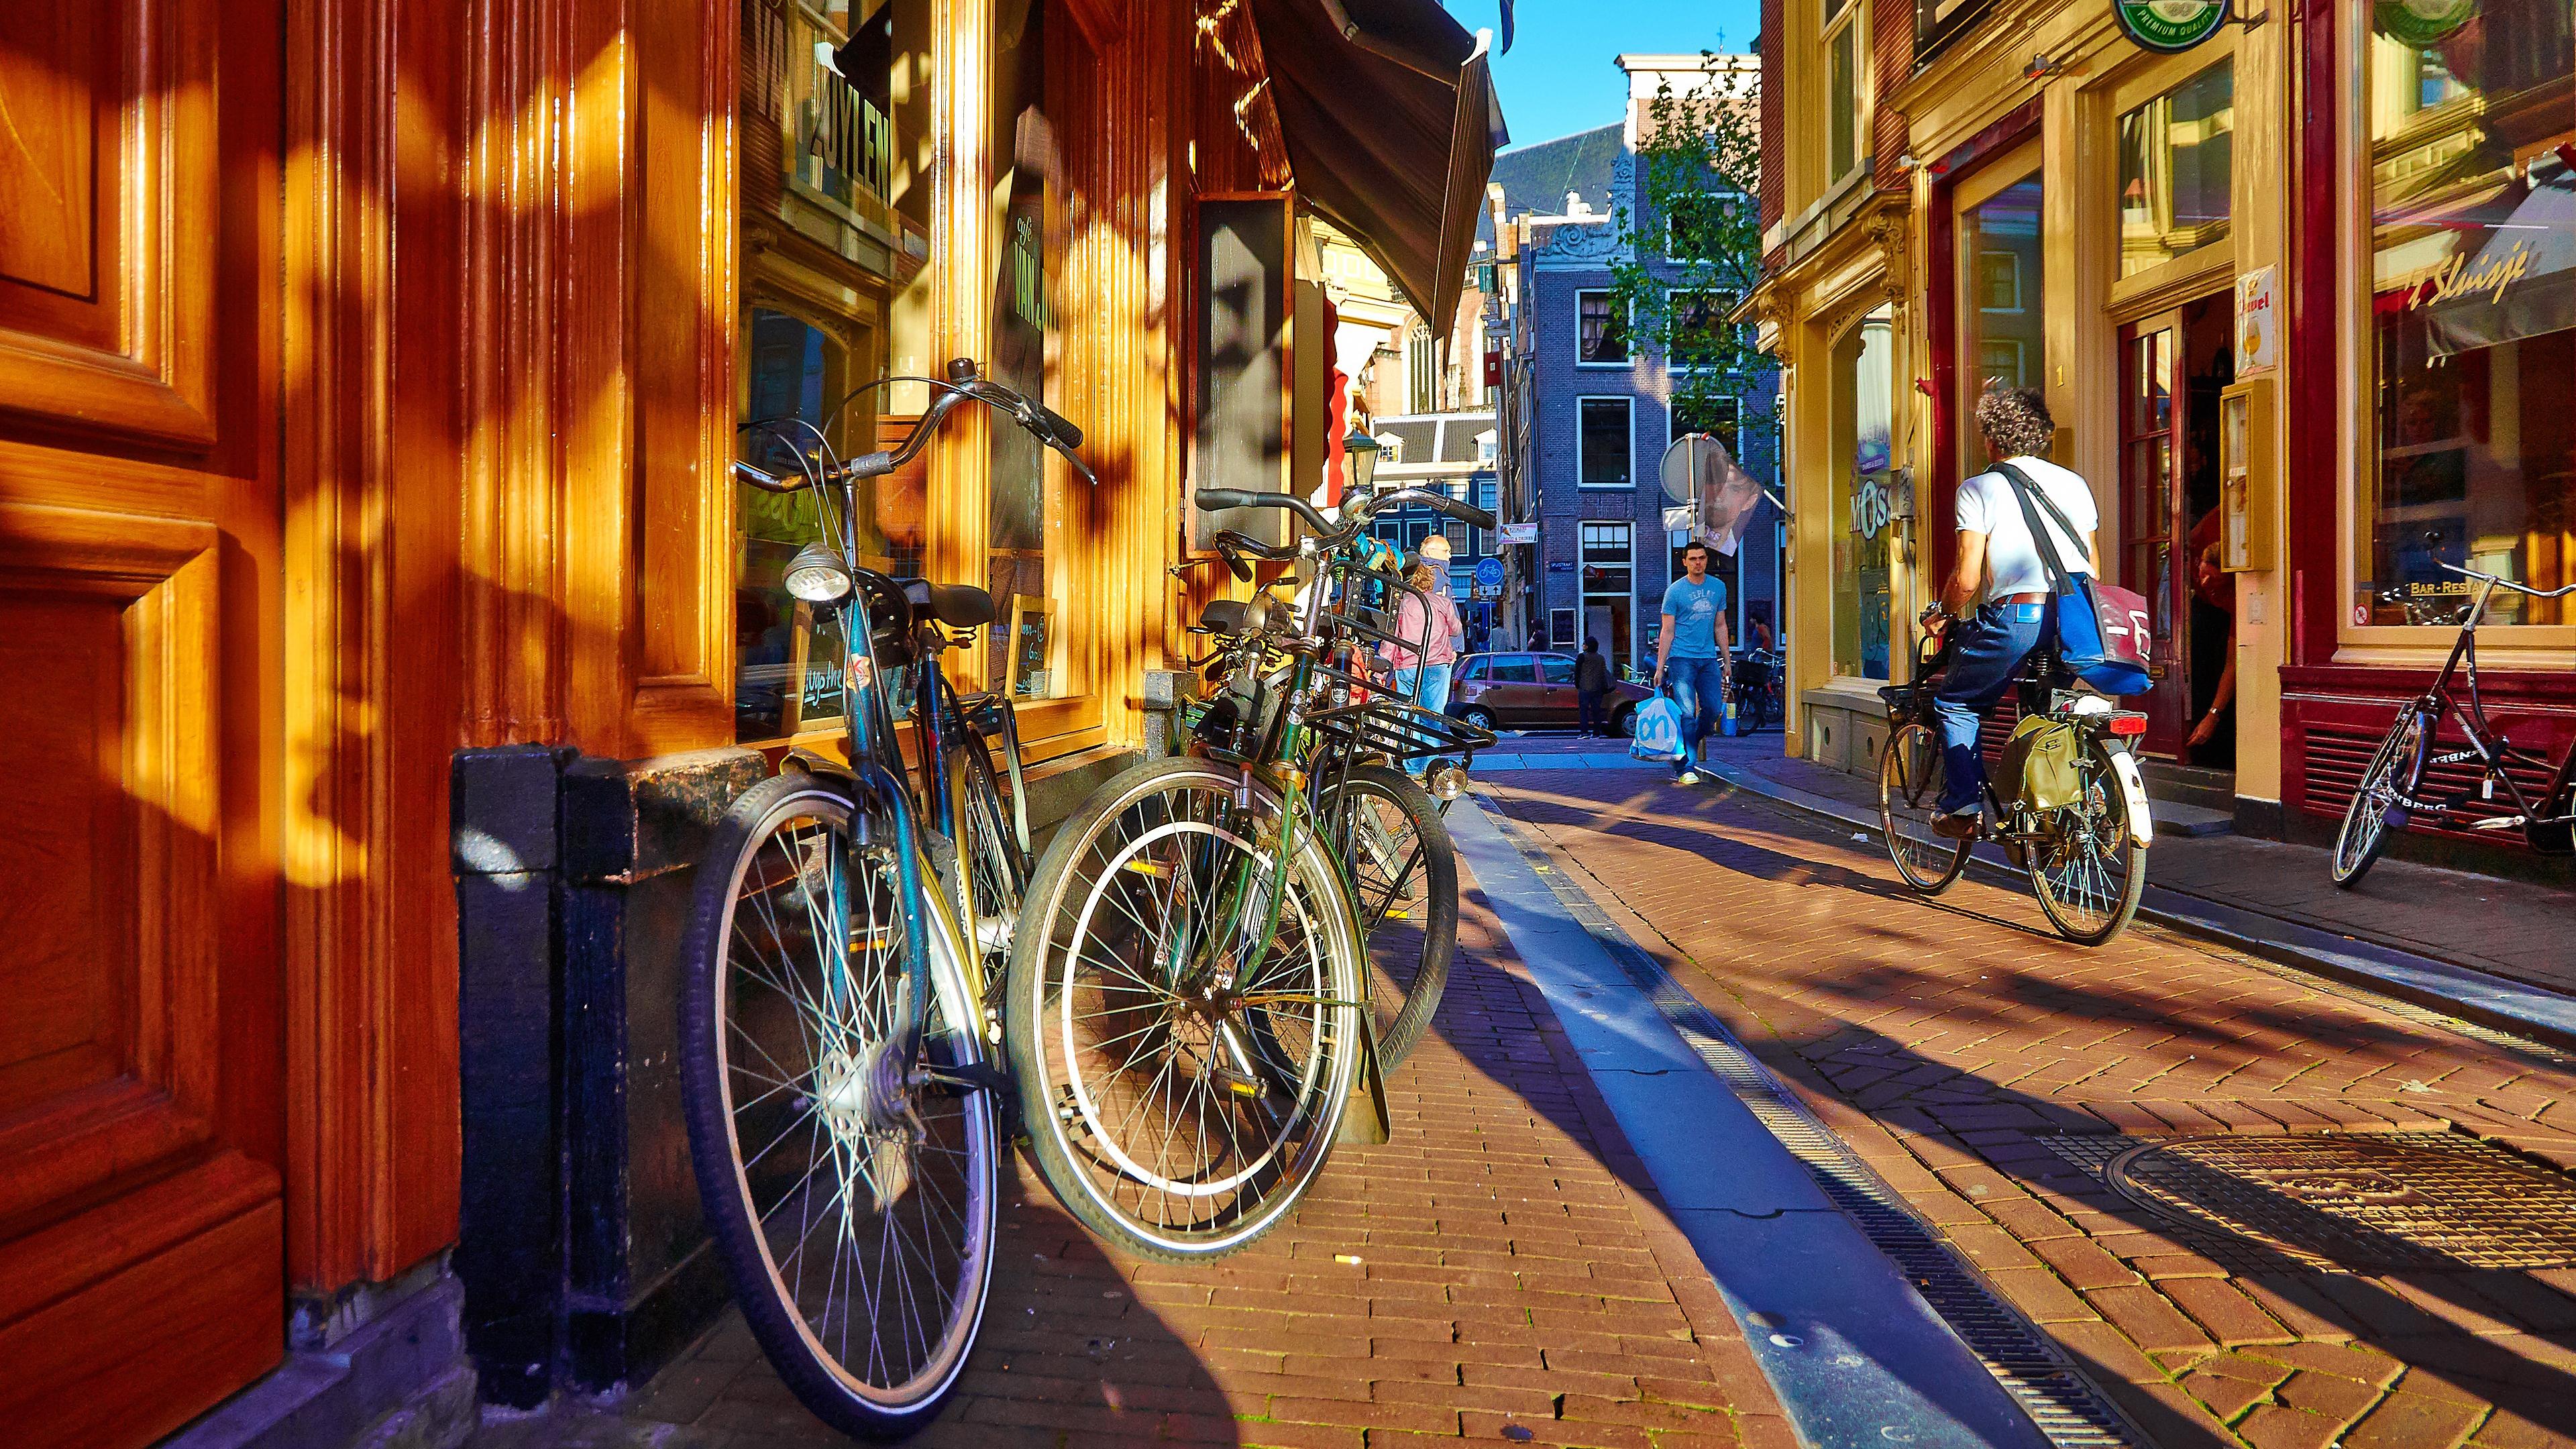 Обои для рабочего стола - Весёлый Амстердам 3840x2160 [50шт.] (2017) JPG